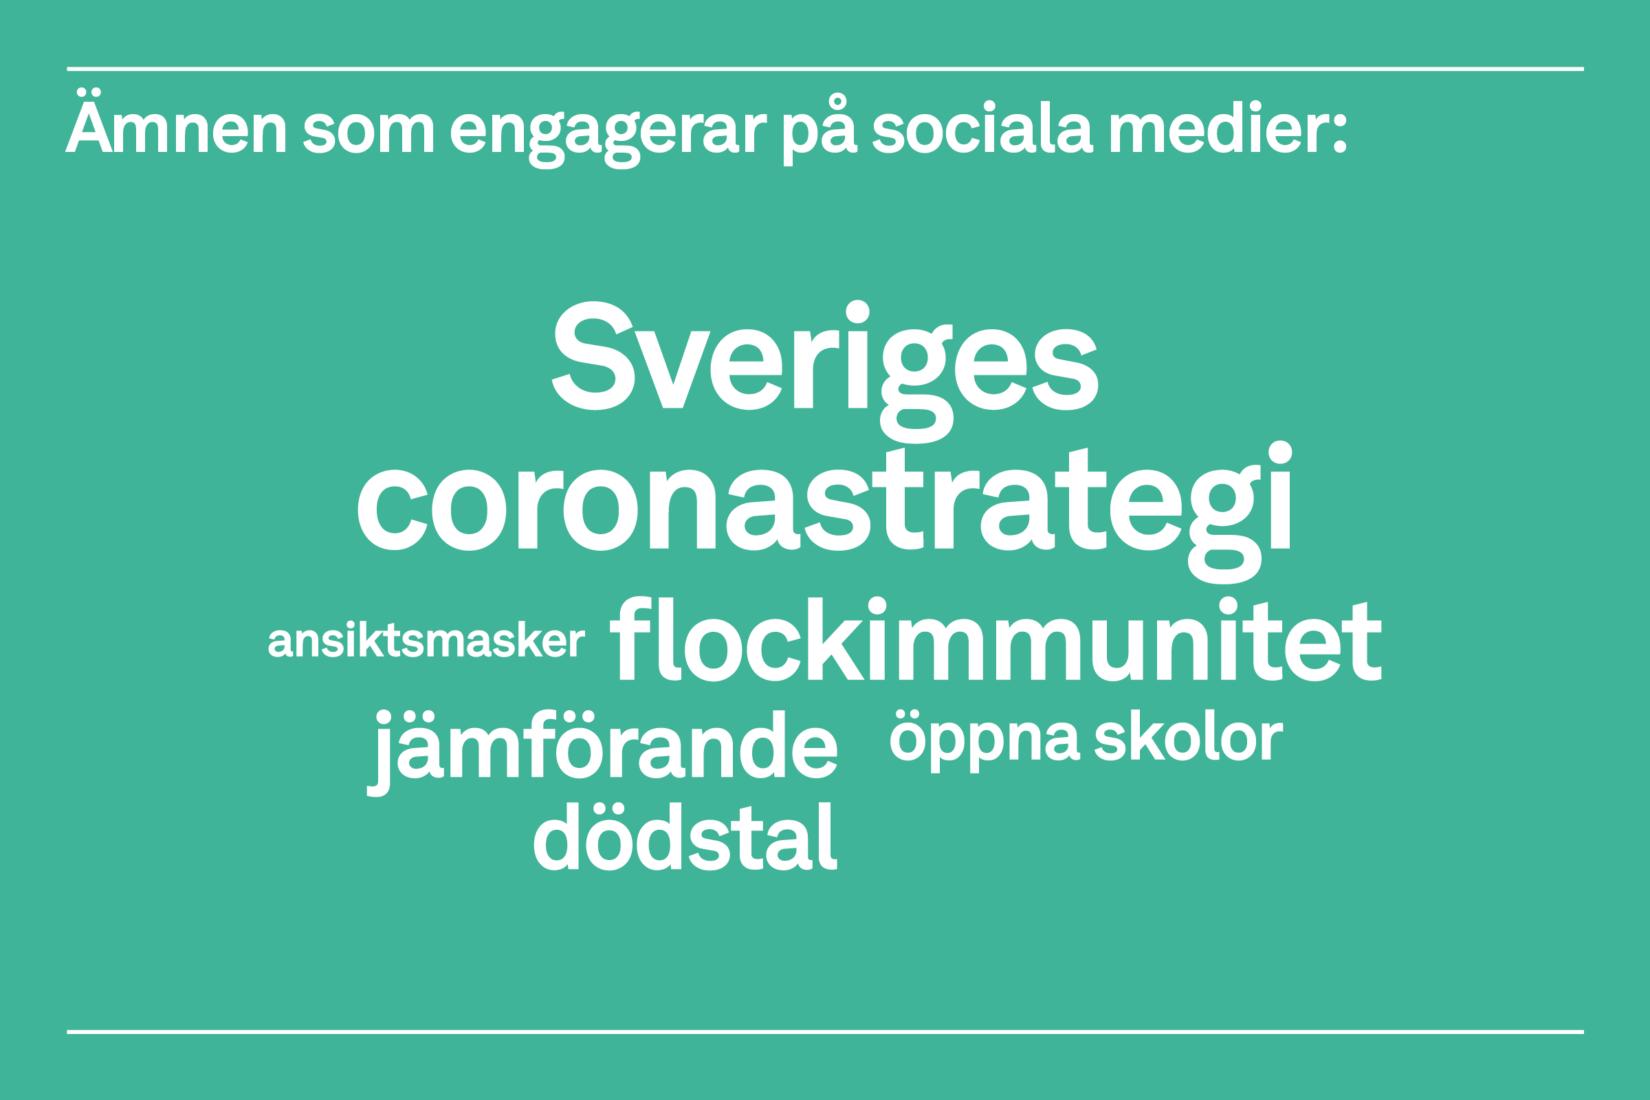 Ämnen som engagerar på sociala medier i samtal om Sverige och coronapandemin 19 augusti - 1 september 2020